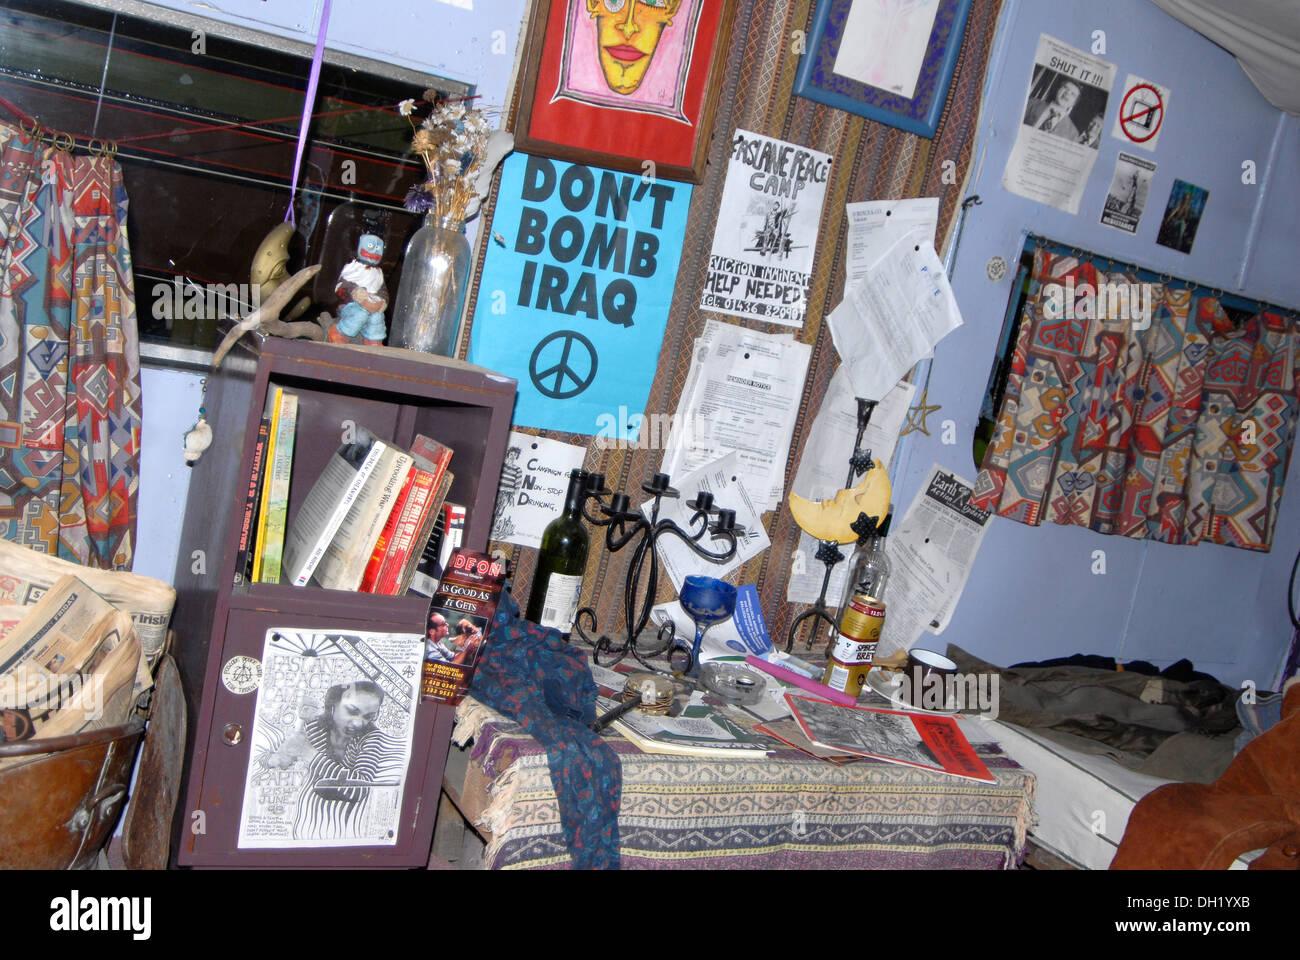 Innere des Faslane Friedenslager Demonstrant Wohnwagen Stockbild